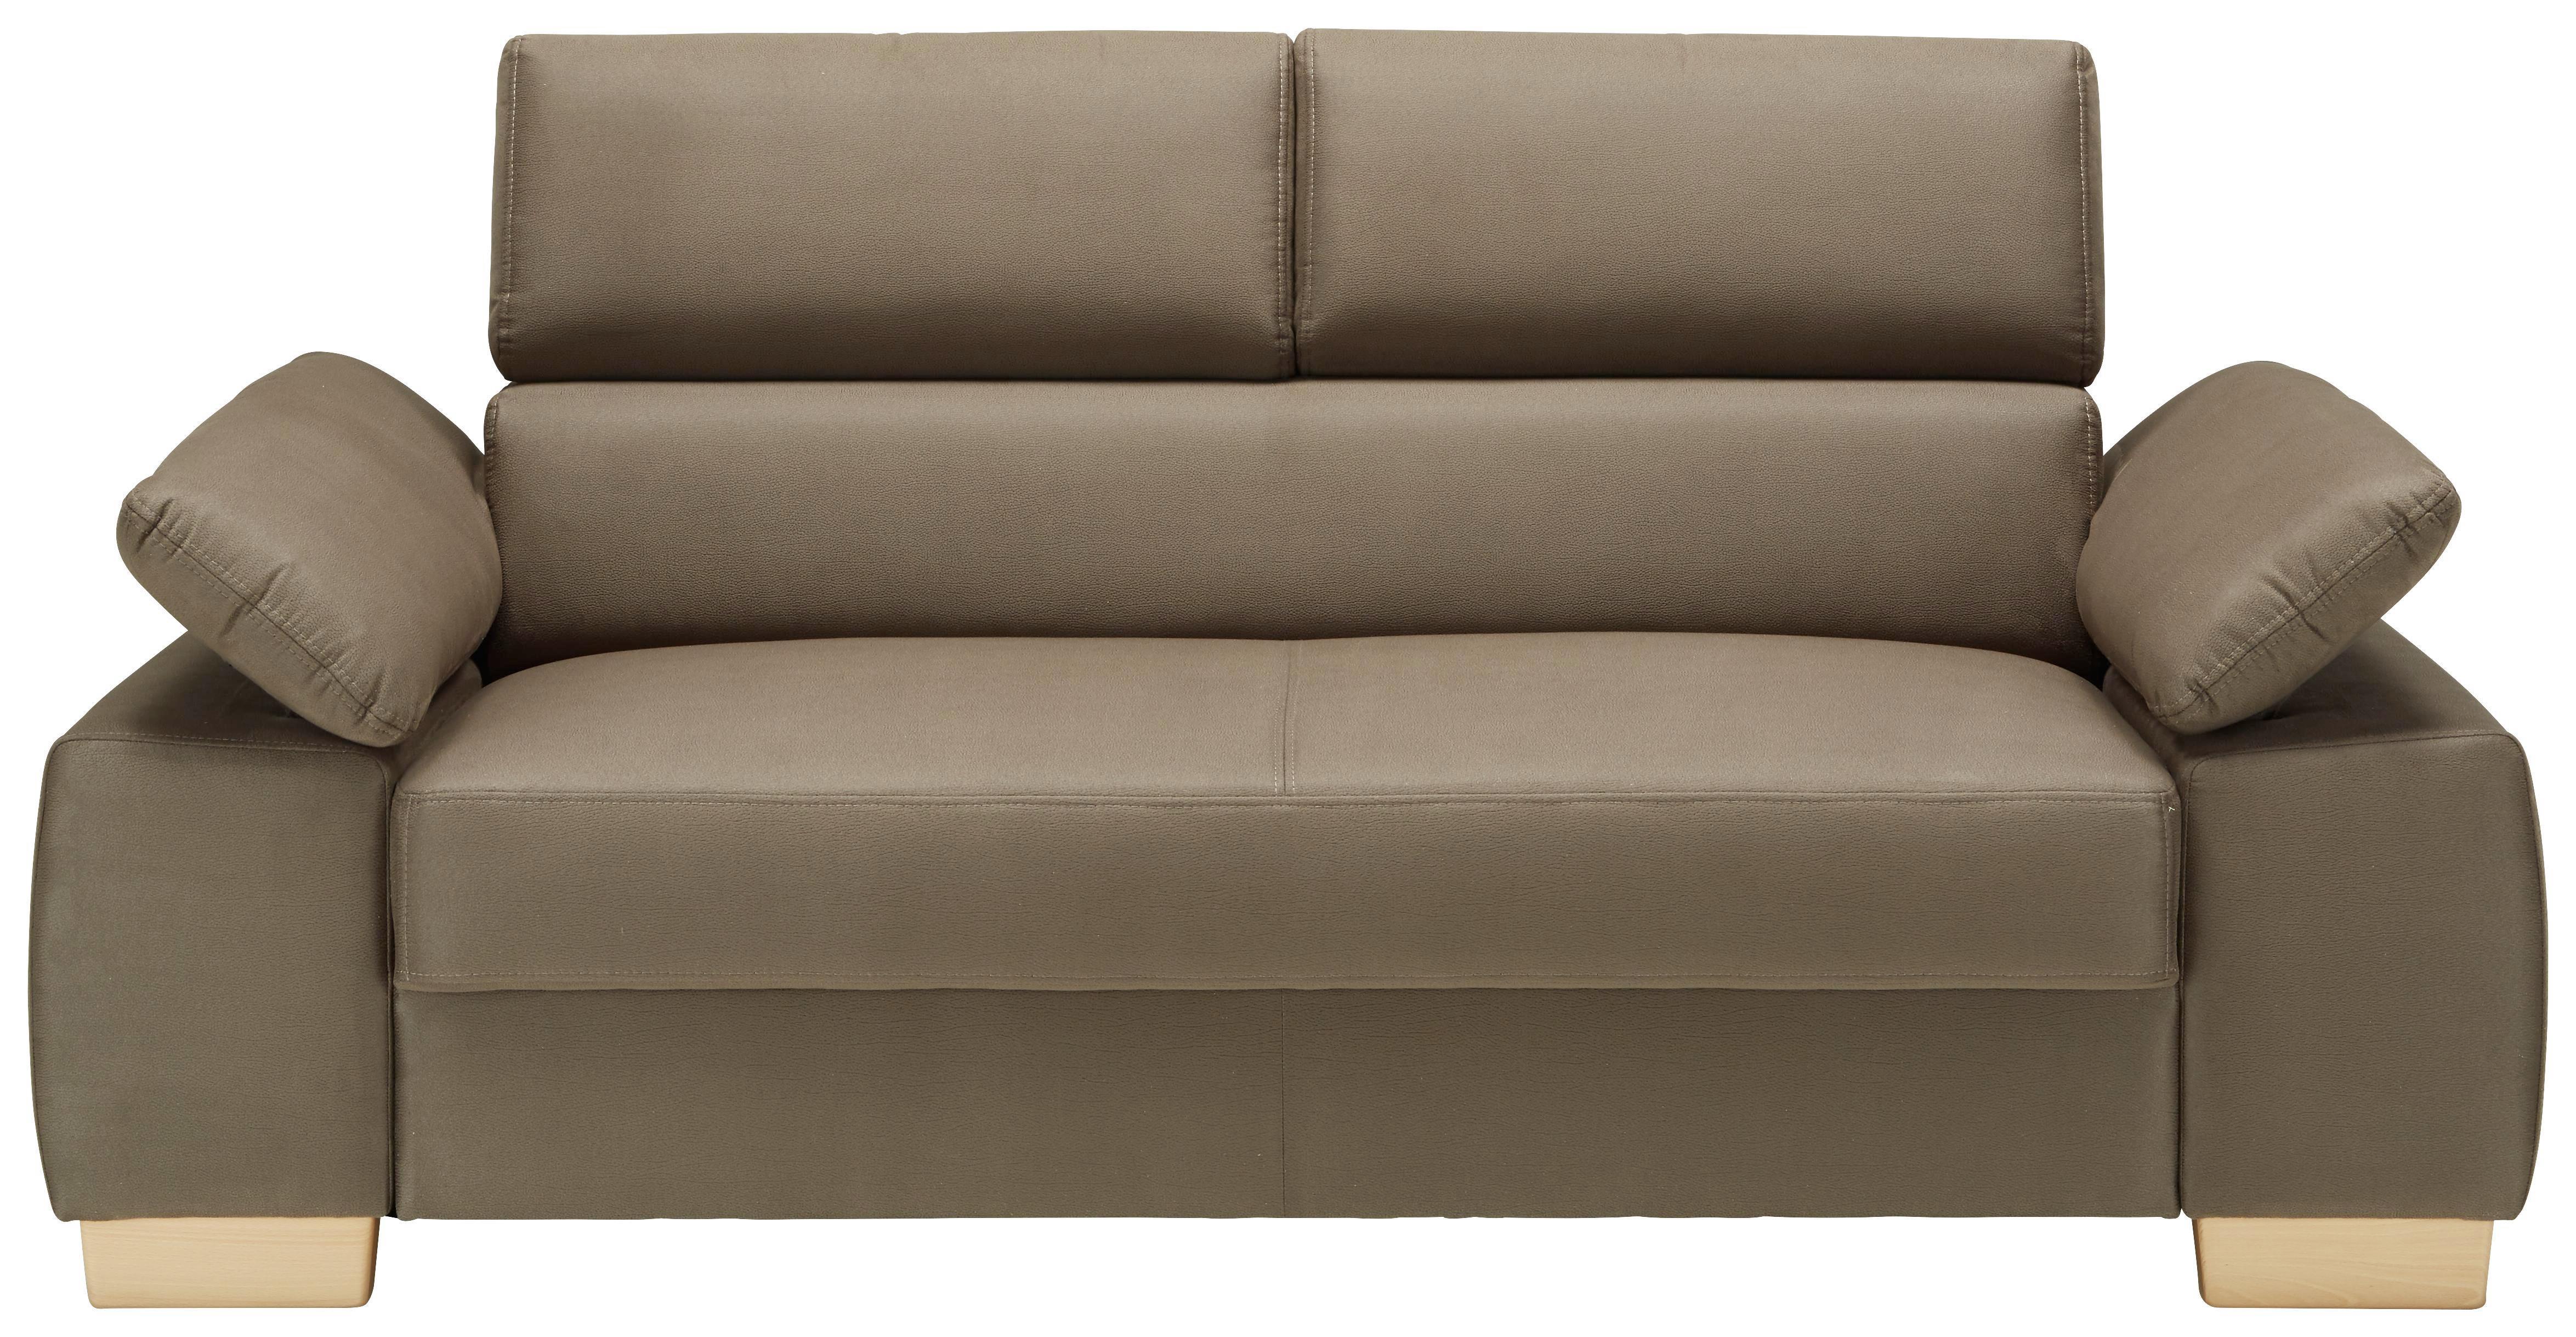 Inspirierend Zweisitzer Schlafcouch Dekoration Von Affordable Braun Eichefarben With Sofa Braun With